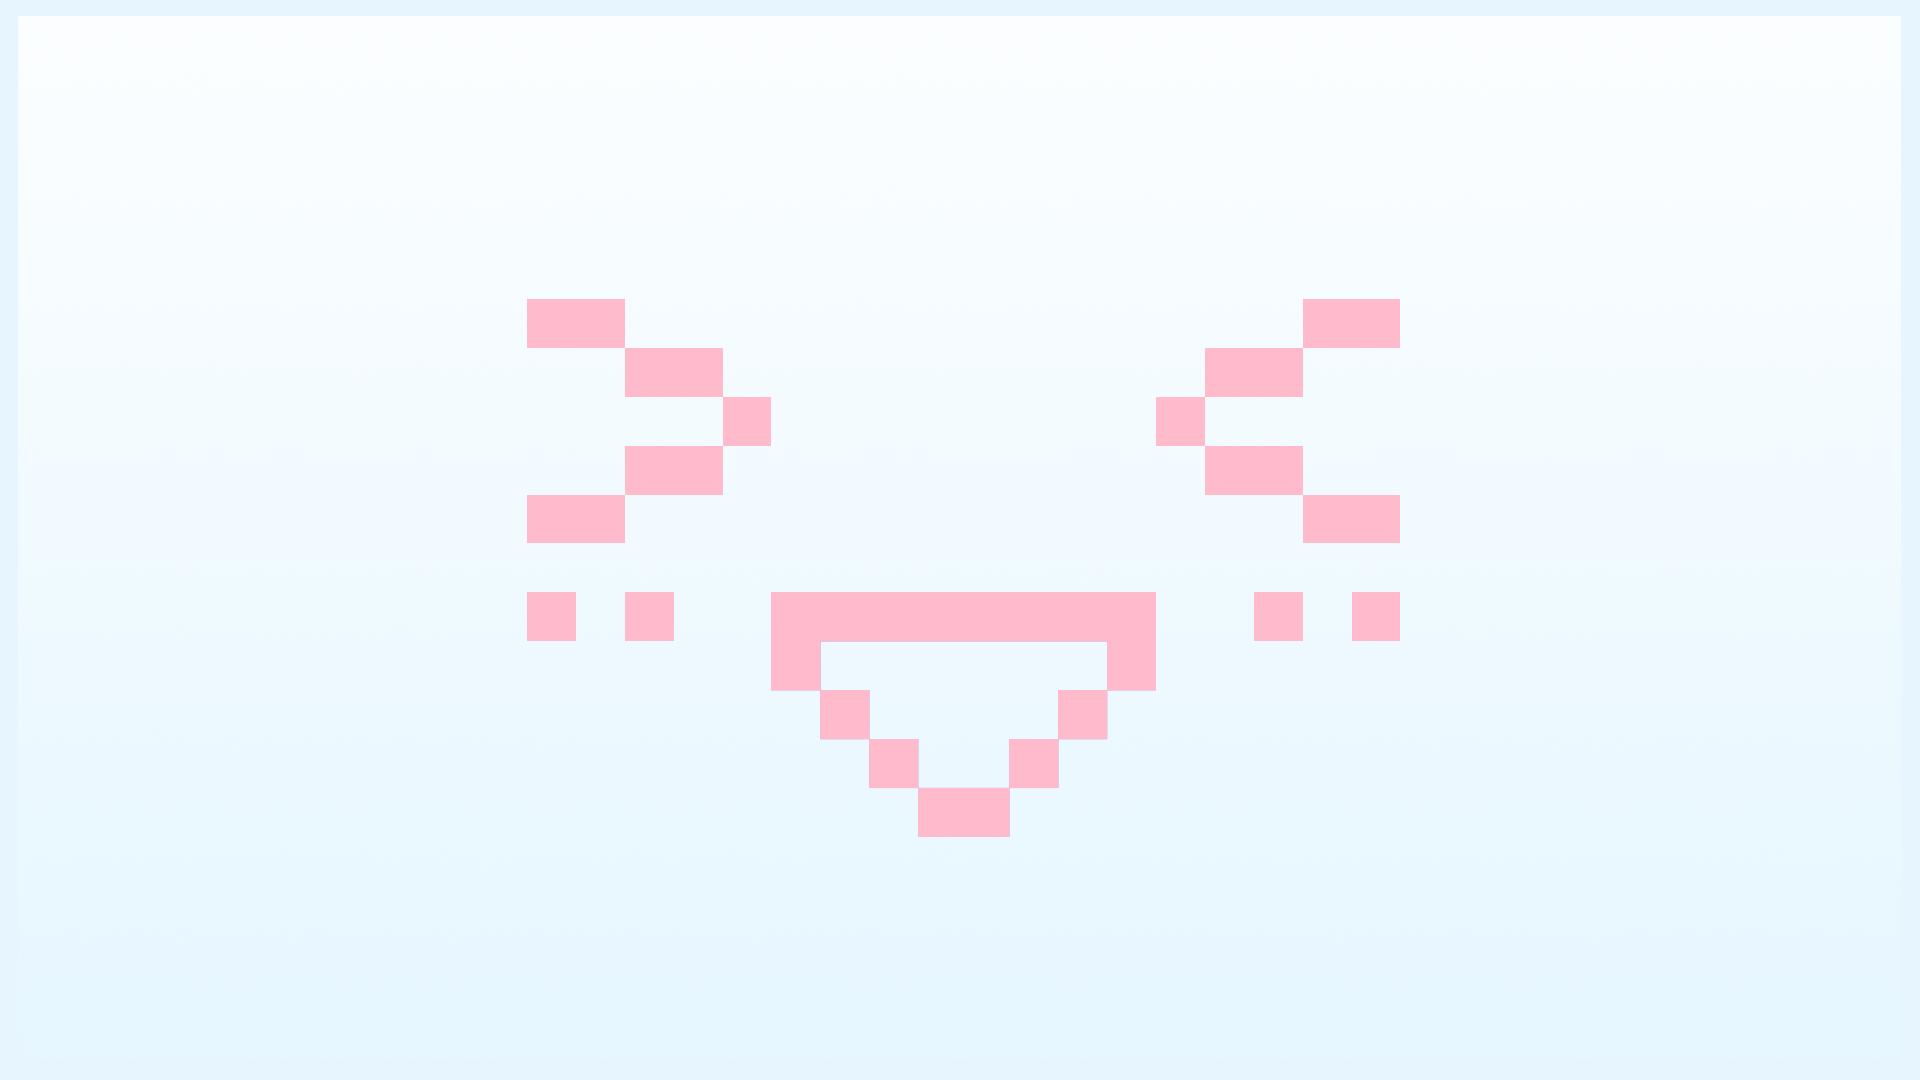 Wallpaper : Emoji, Love Live 1920x1080 - fple - 1501279 - HD